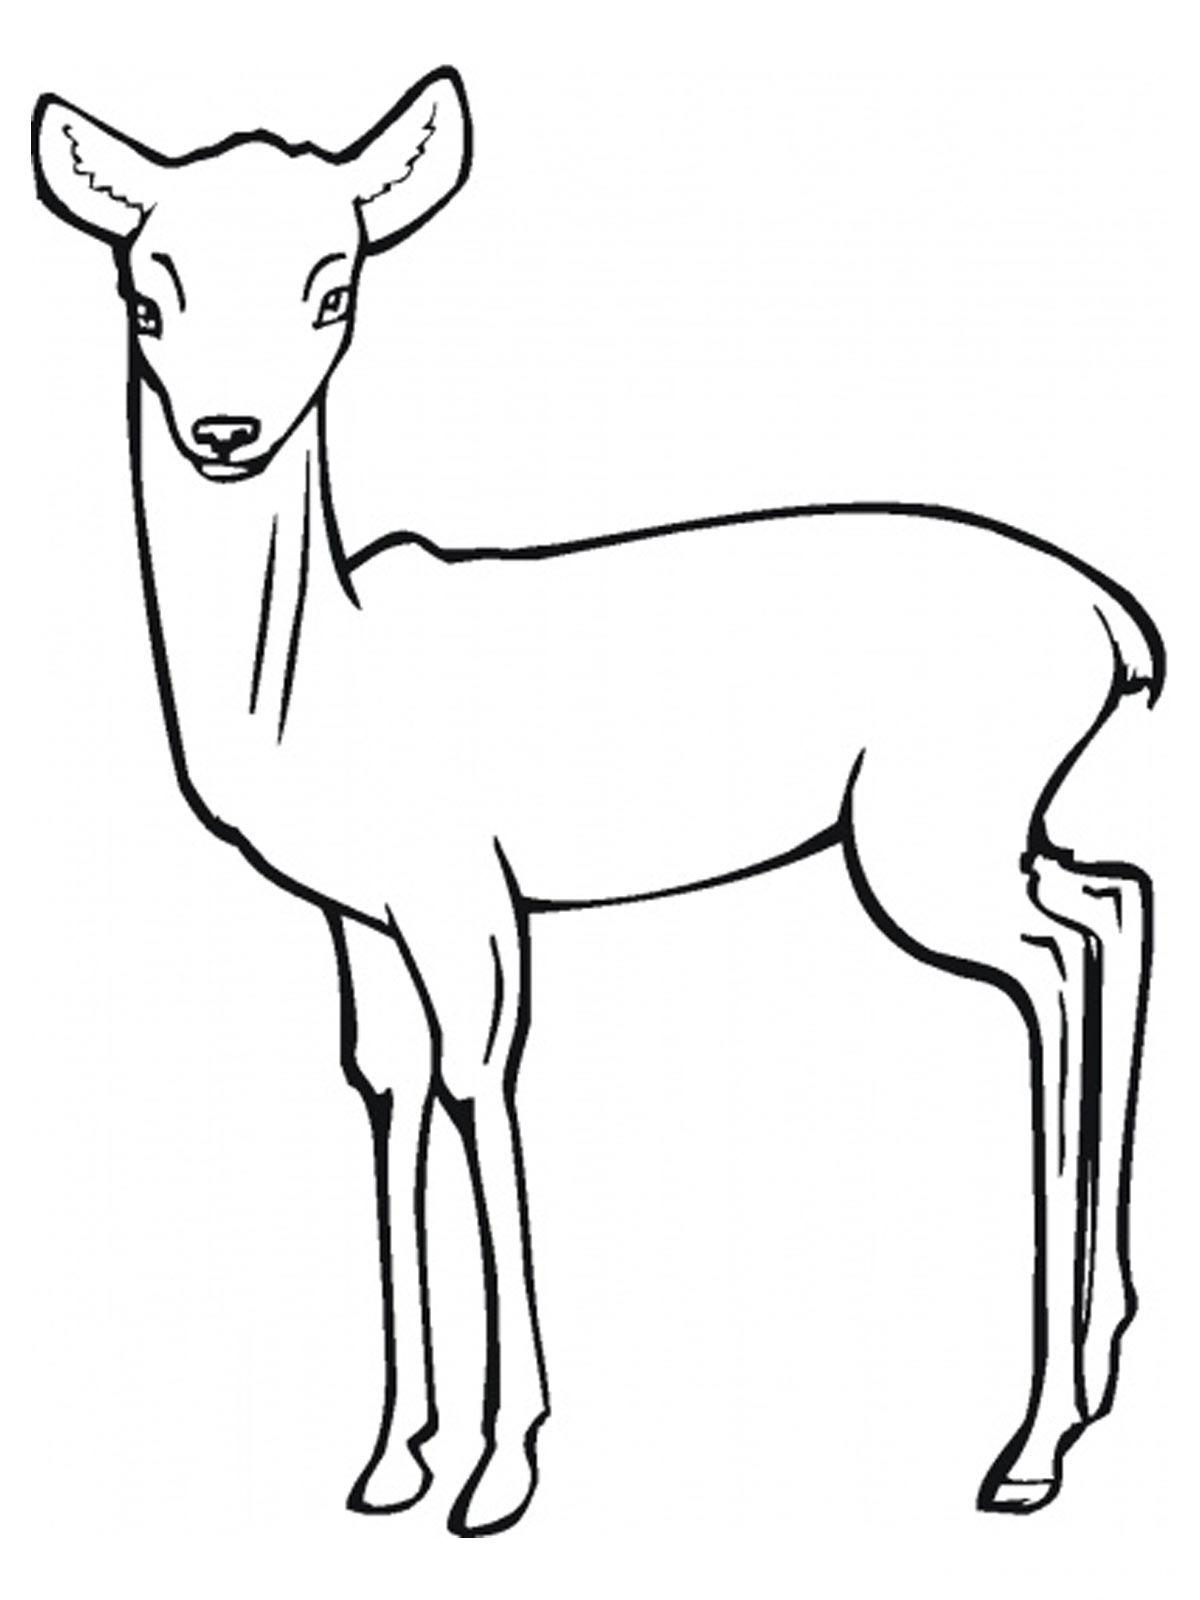 Goat Skin Drum